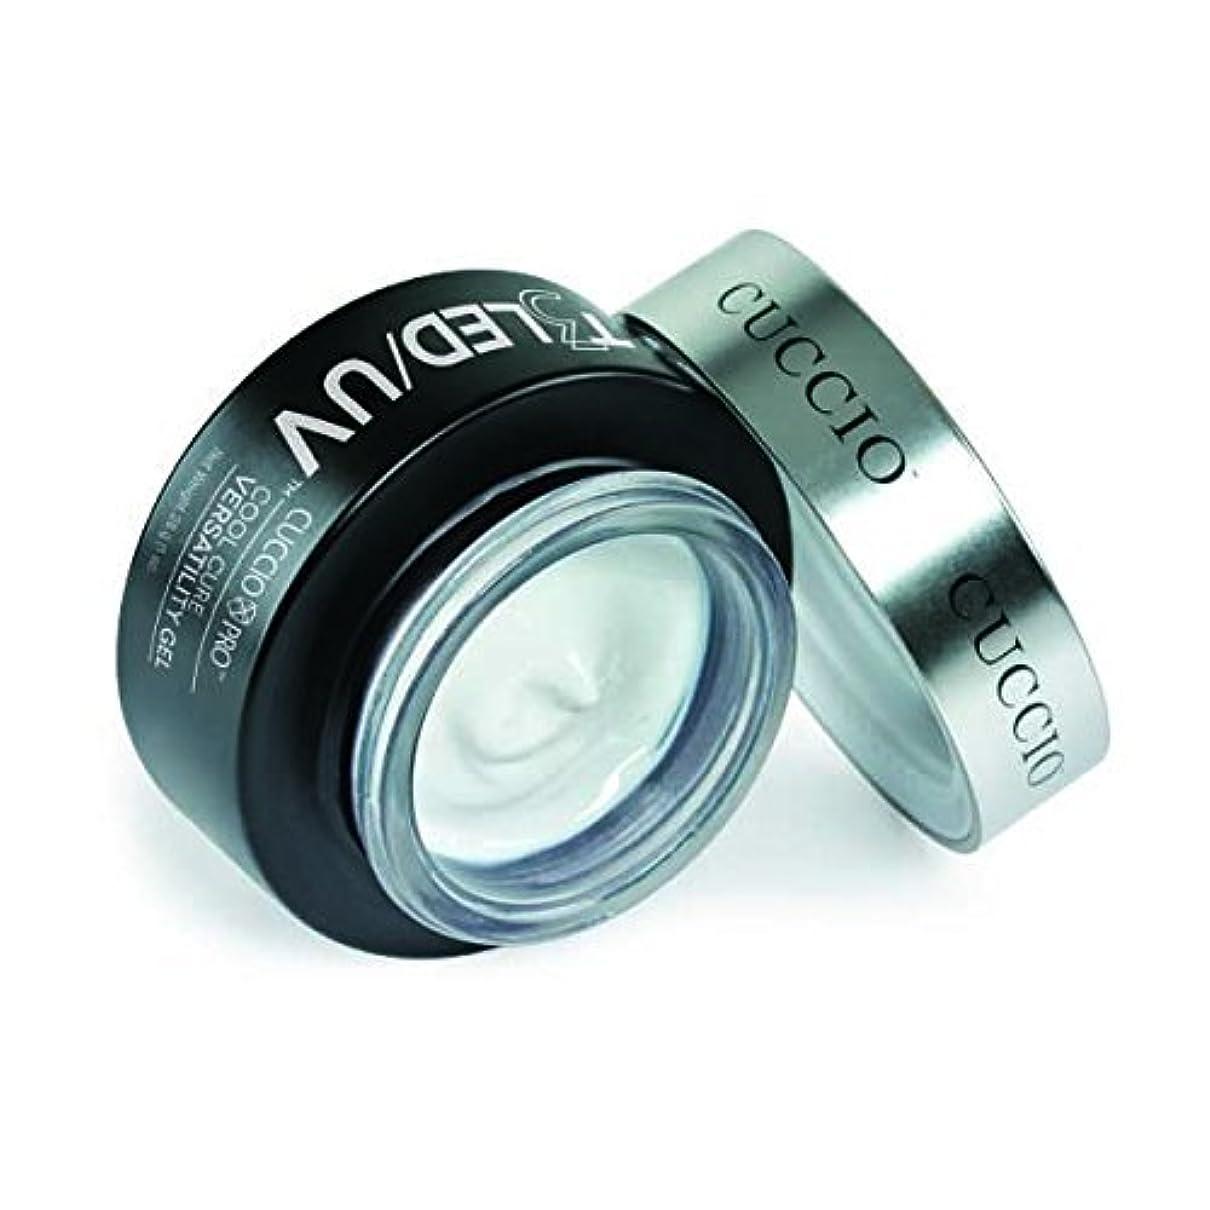 違反するご予約カヌーCuccio Pro - T3 LED/UV Self- Leveling Gel - Clear - 2oz / 56g